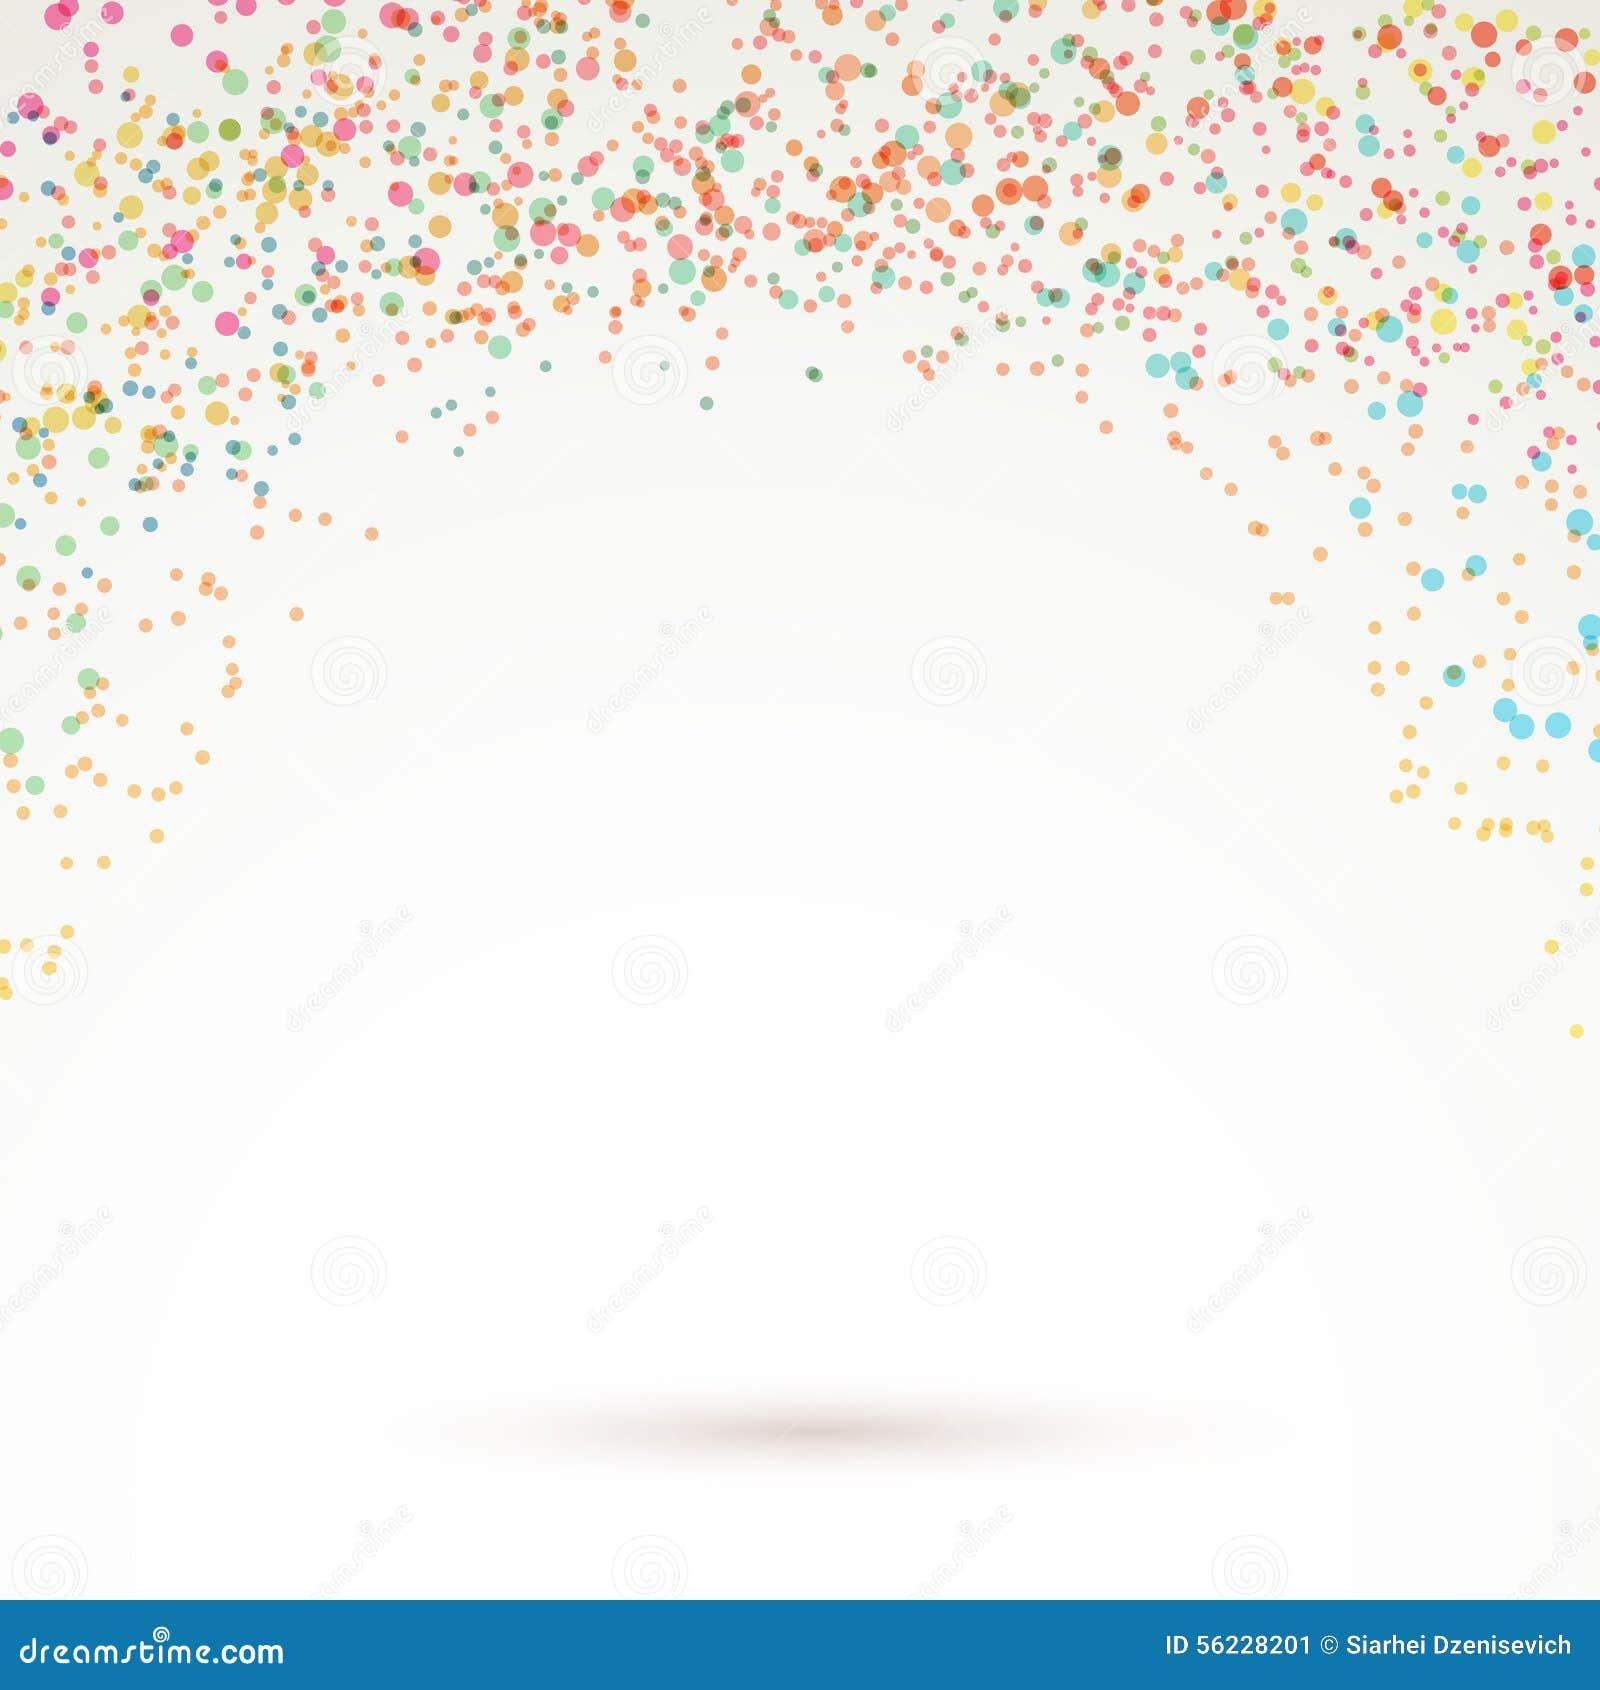 Colorful Bright Confetti Carnival Background Stock Vector